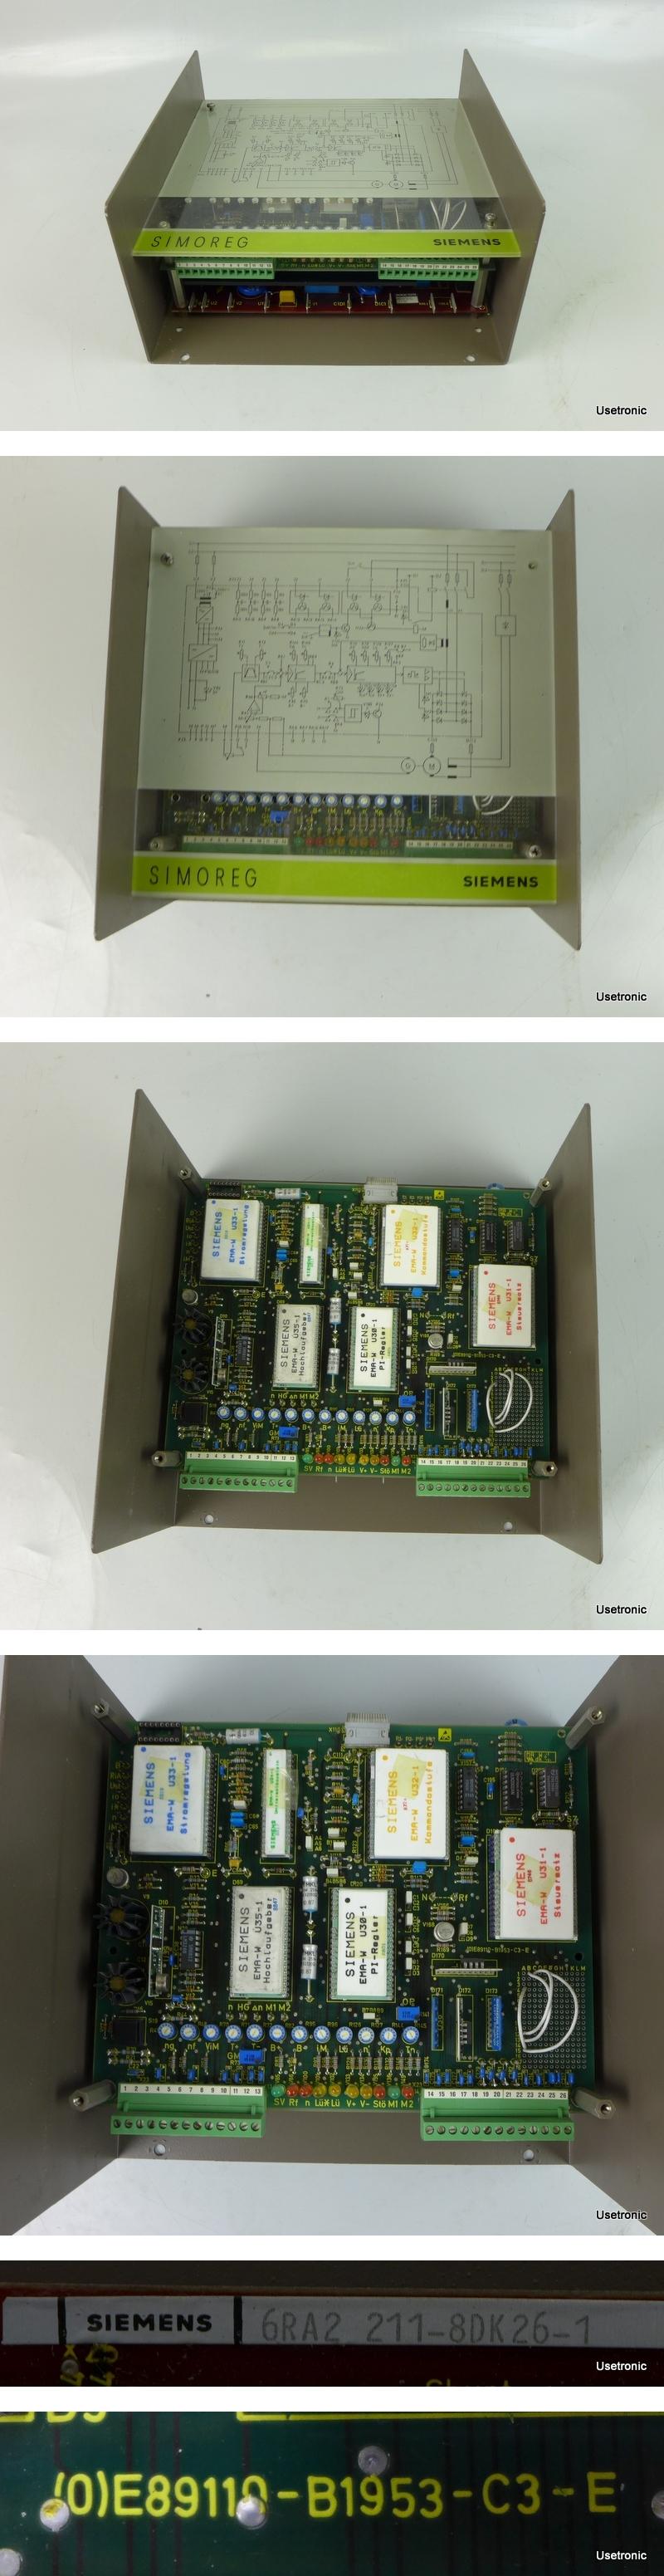 Siemens 6RA2211-8DK26-1